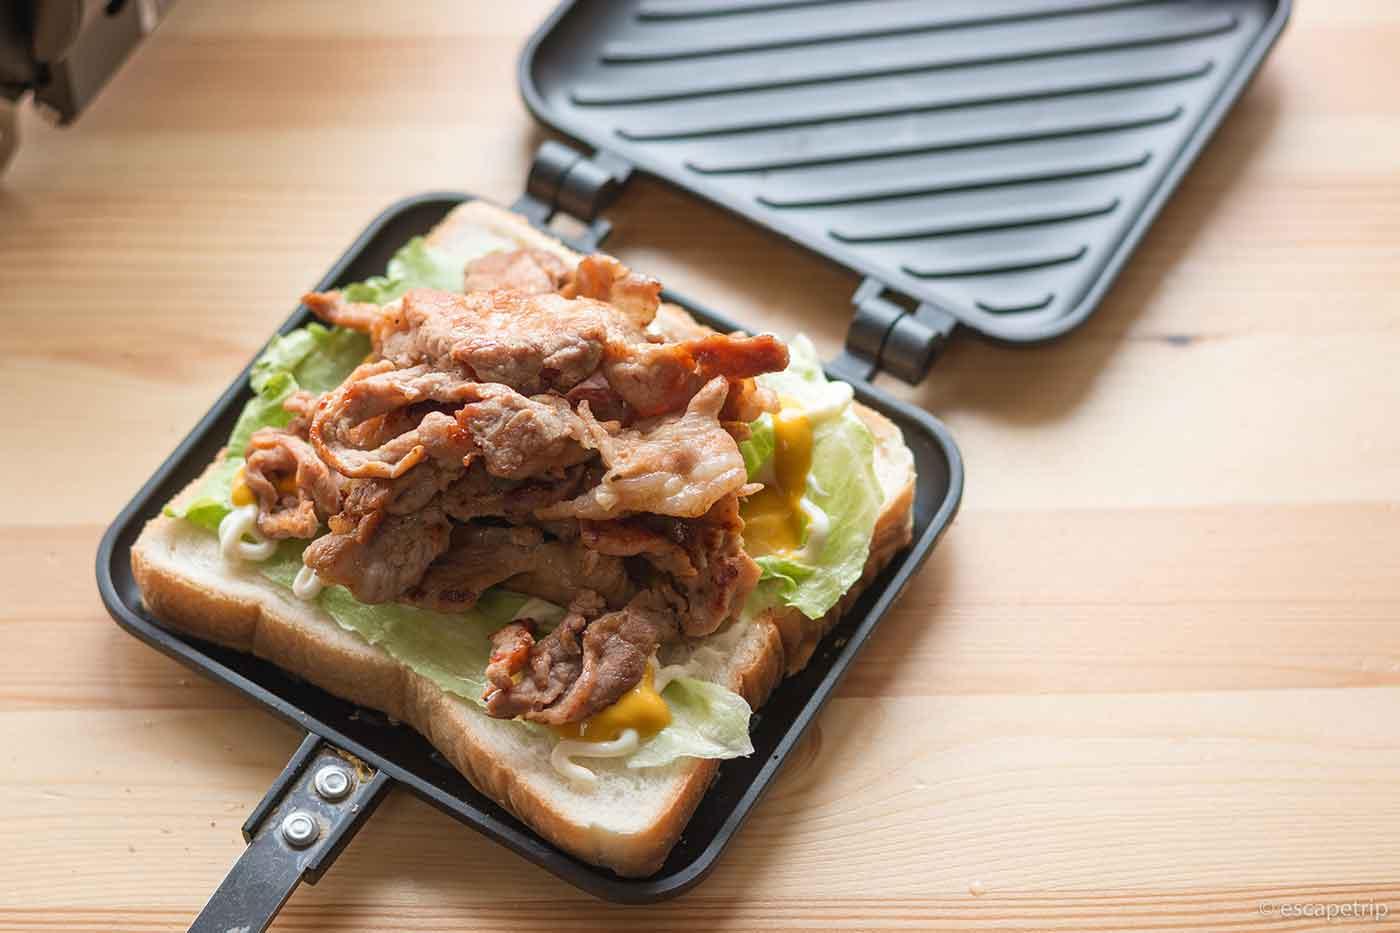 ホットサンドメーカーで肉サンド